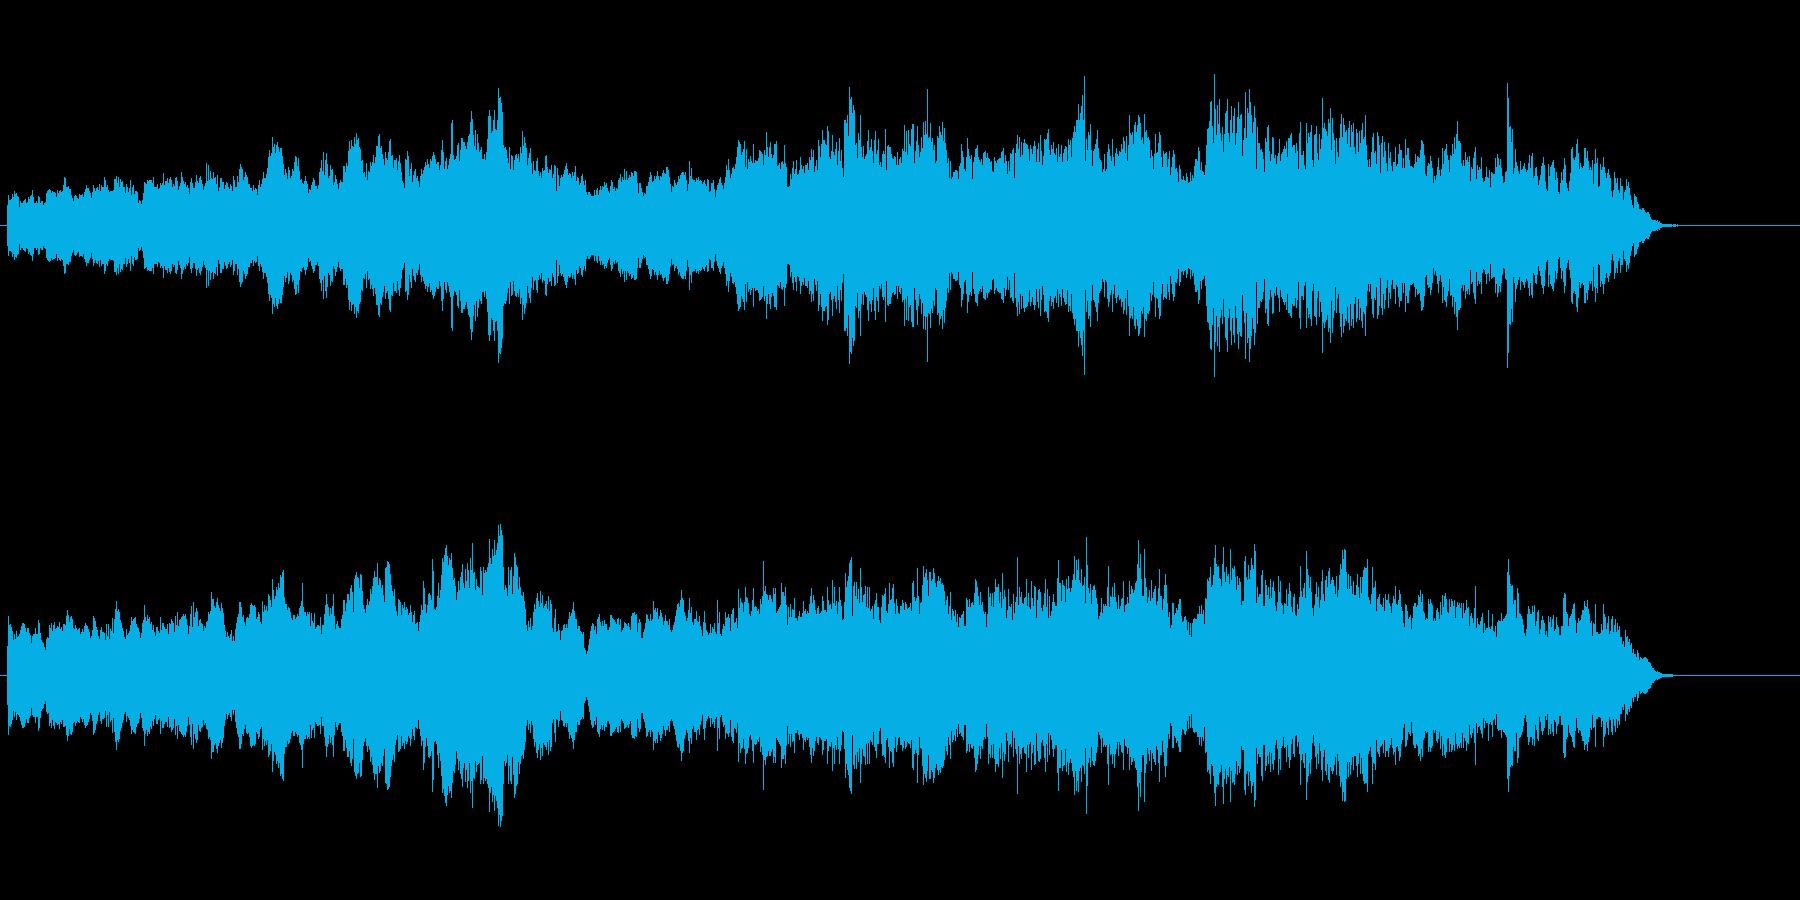 環境音楽(ネイチャー風)の再生済みの波形